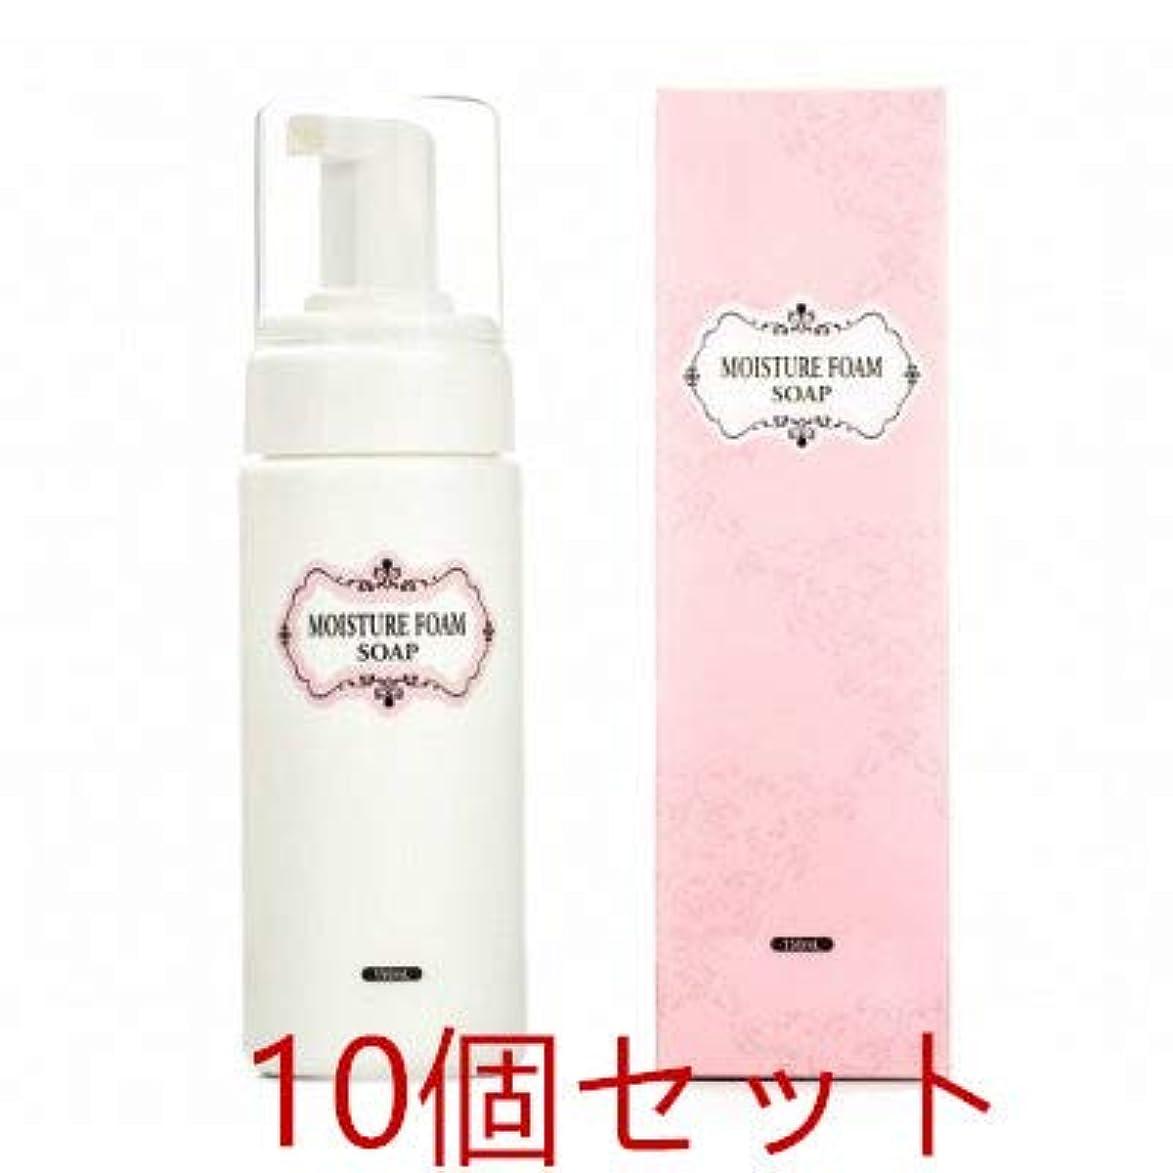 散歩に行くカメハリケーンMOISTURE FOAM SOAP(モイスチャーフォームソープ) 150ml10個セット